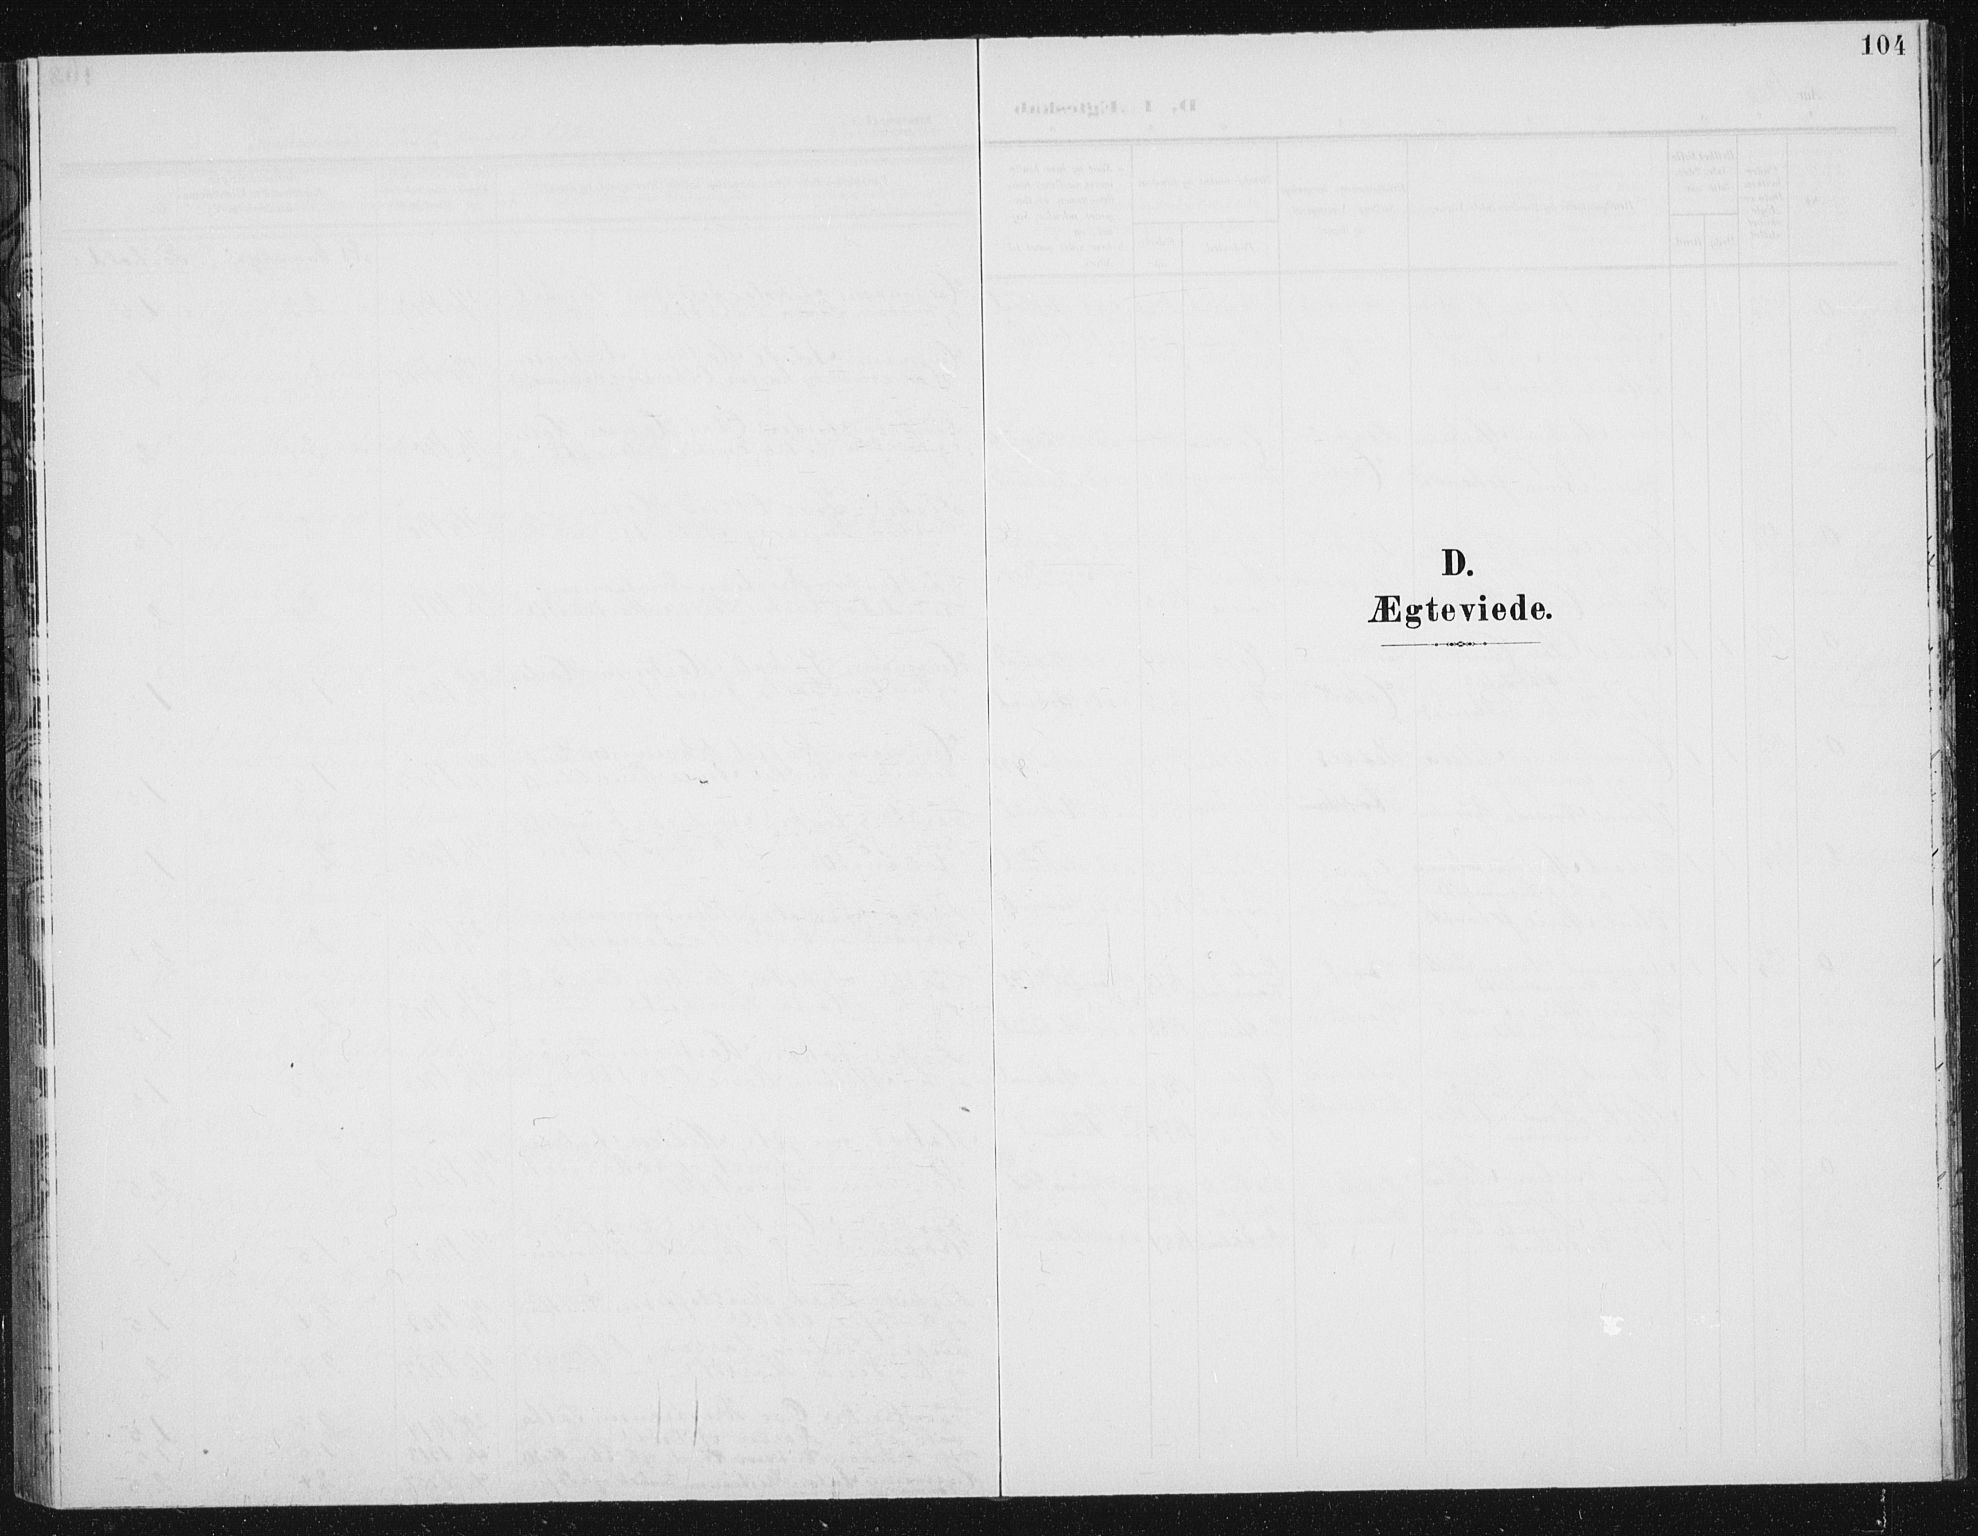 SAT, Ministerialprotokoller, klokkerbøker og fødselsregistre - Sør-Trøndelag, 656/L0699: Klokkerbok nr. 656C05, 1905-1920, s. 104